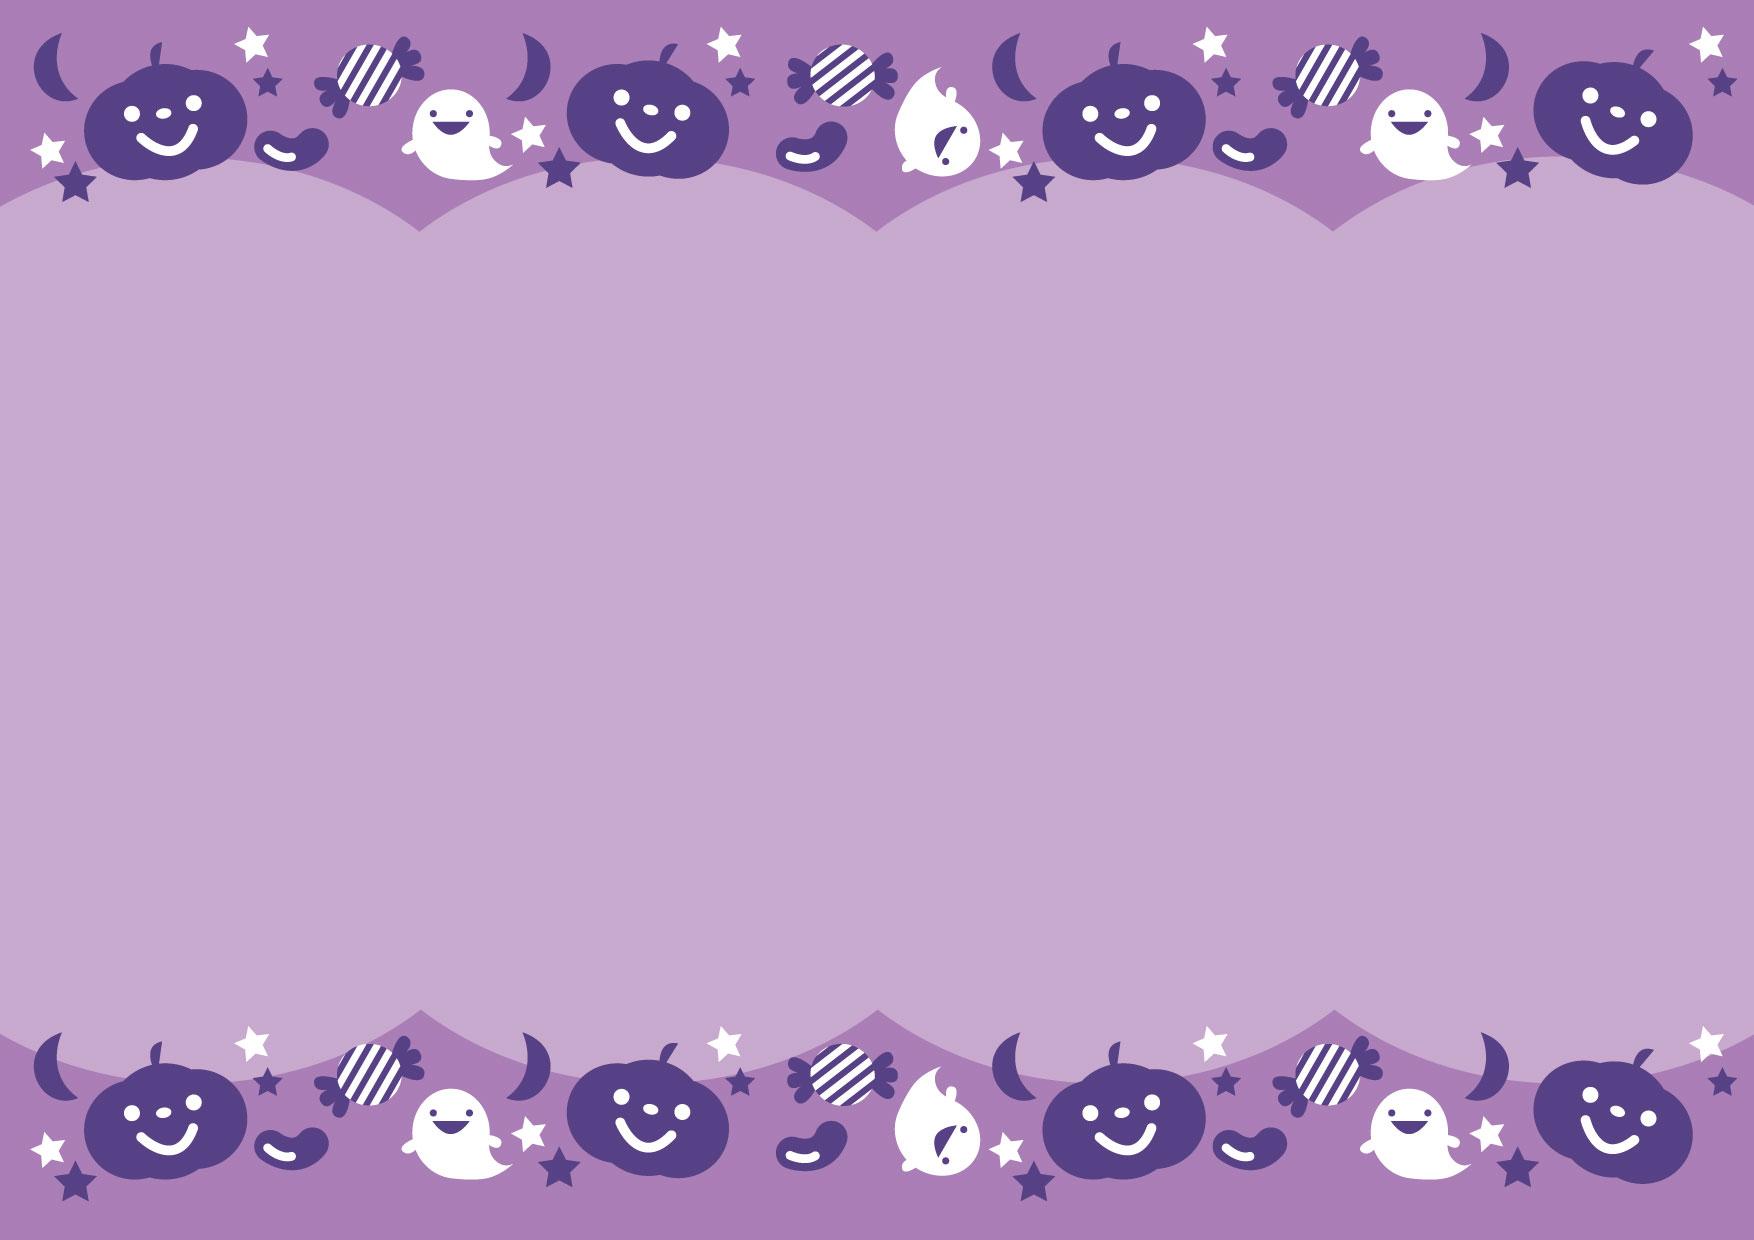 可愛いイラスト無料|ハロウィン 背景 紫色 − free illustration Halloween background purple